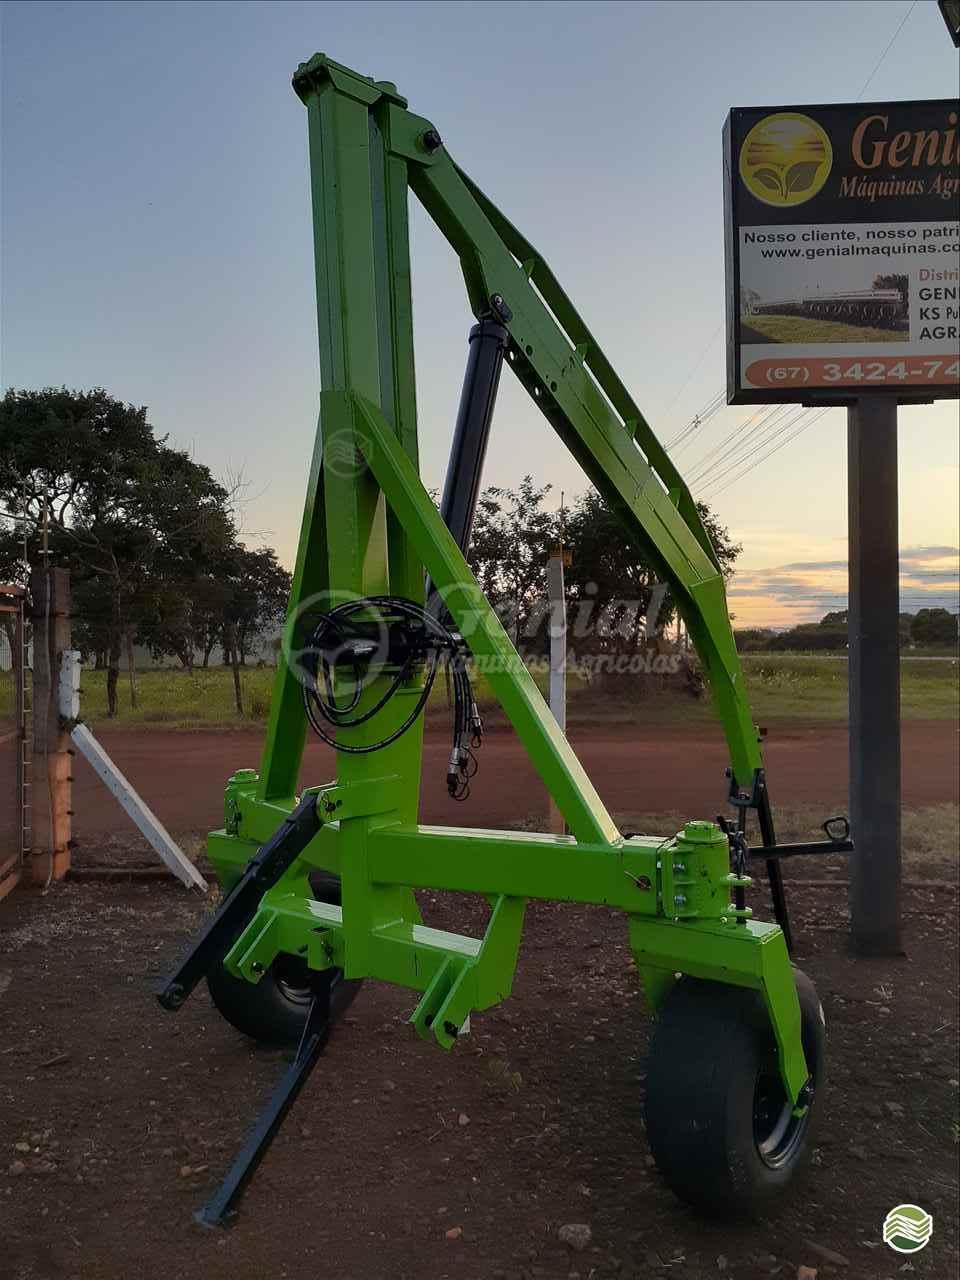 IMPLEMENTOS AGRICOLAS GUINCHO BIG BAG GUINCHO 2000 Kg Genial Máquinas DOURADOS MATO GROSSO DO SUL MS